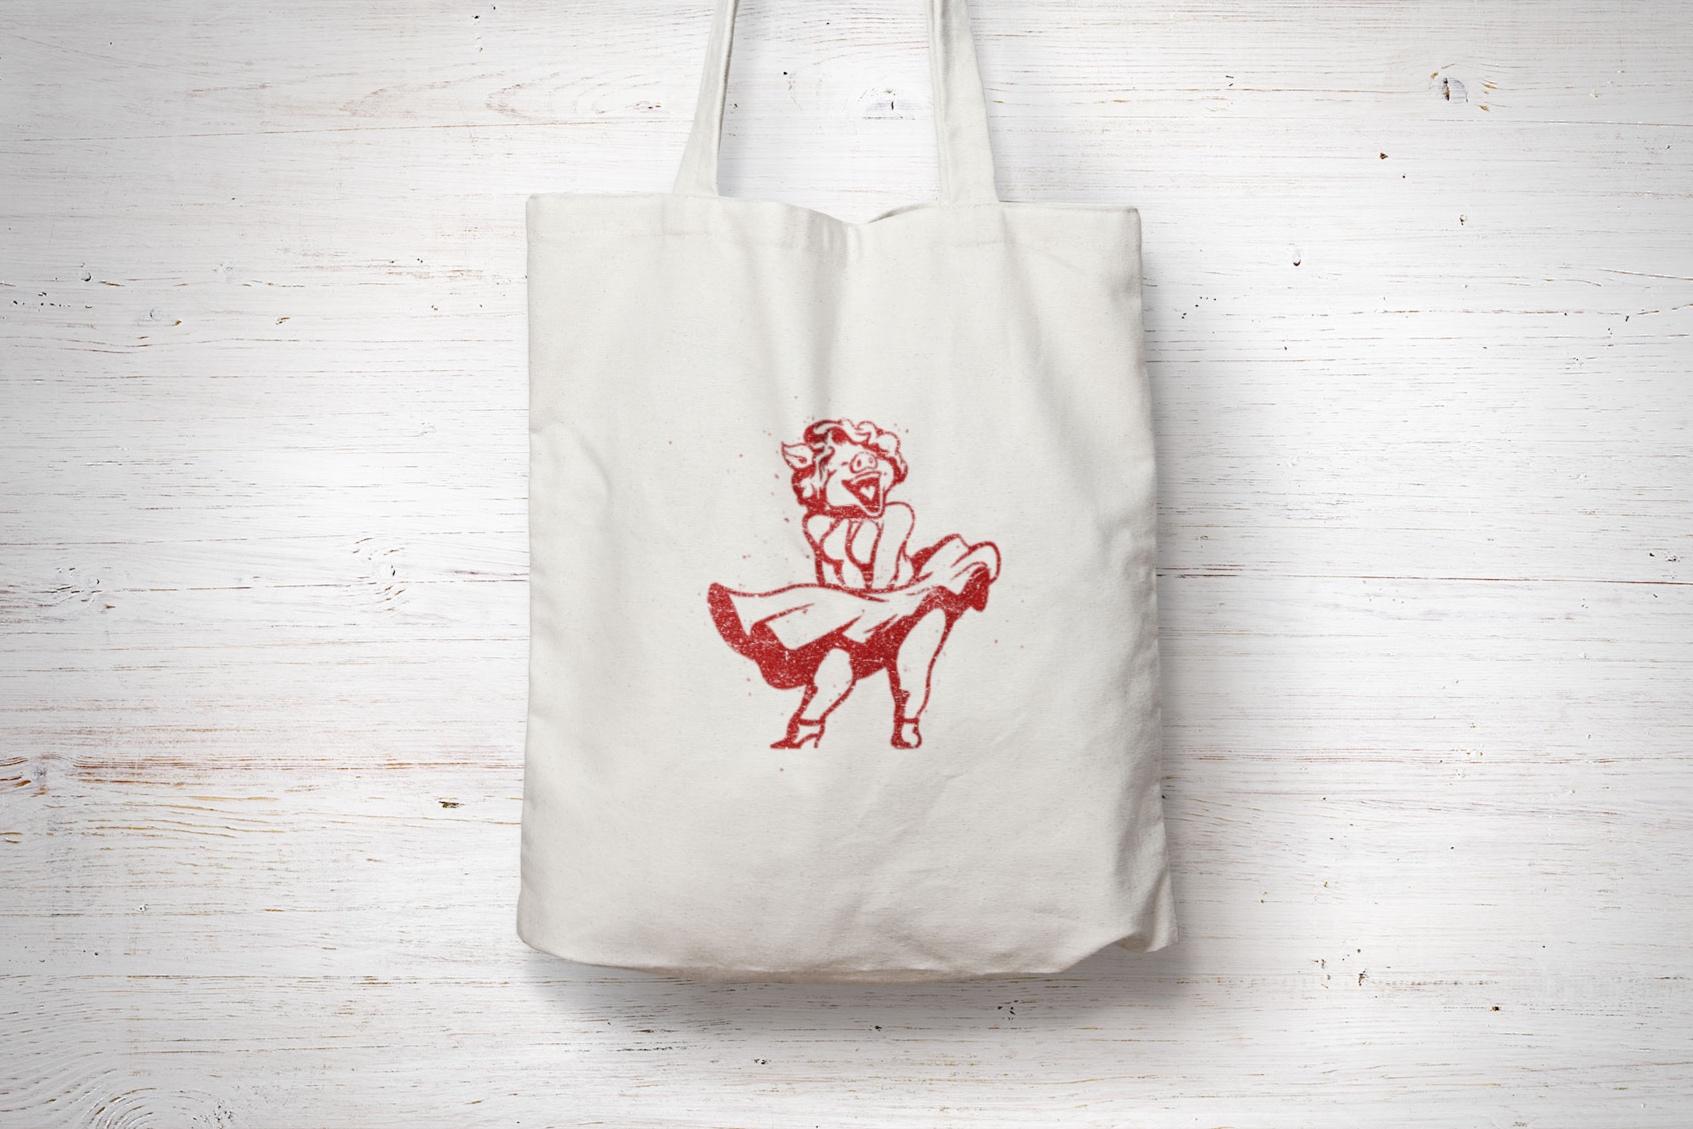 7a_Tote_bag_piggy_red.jpg